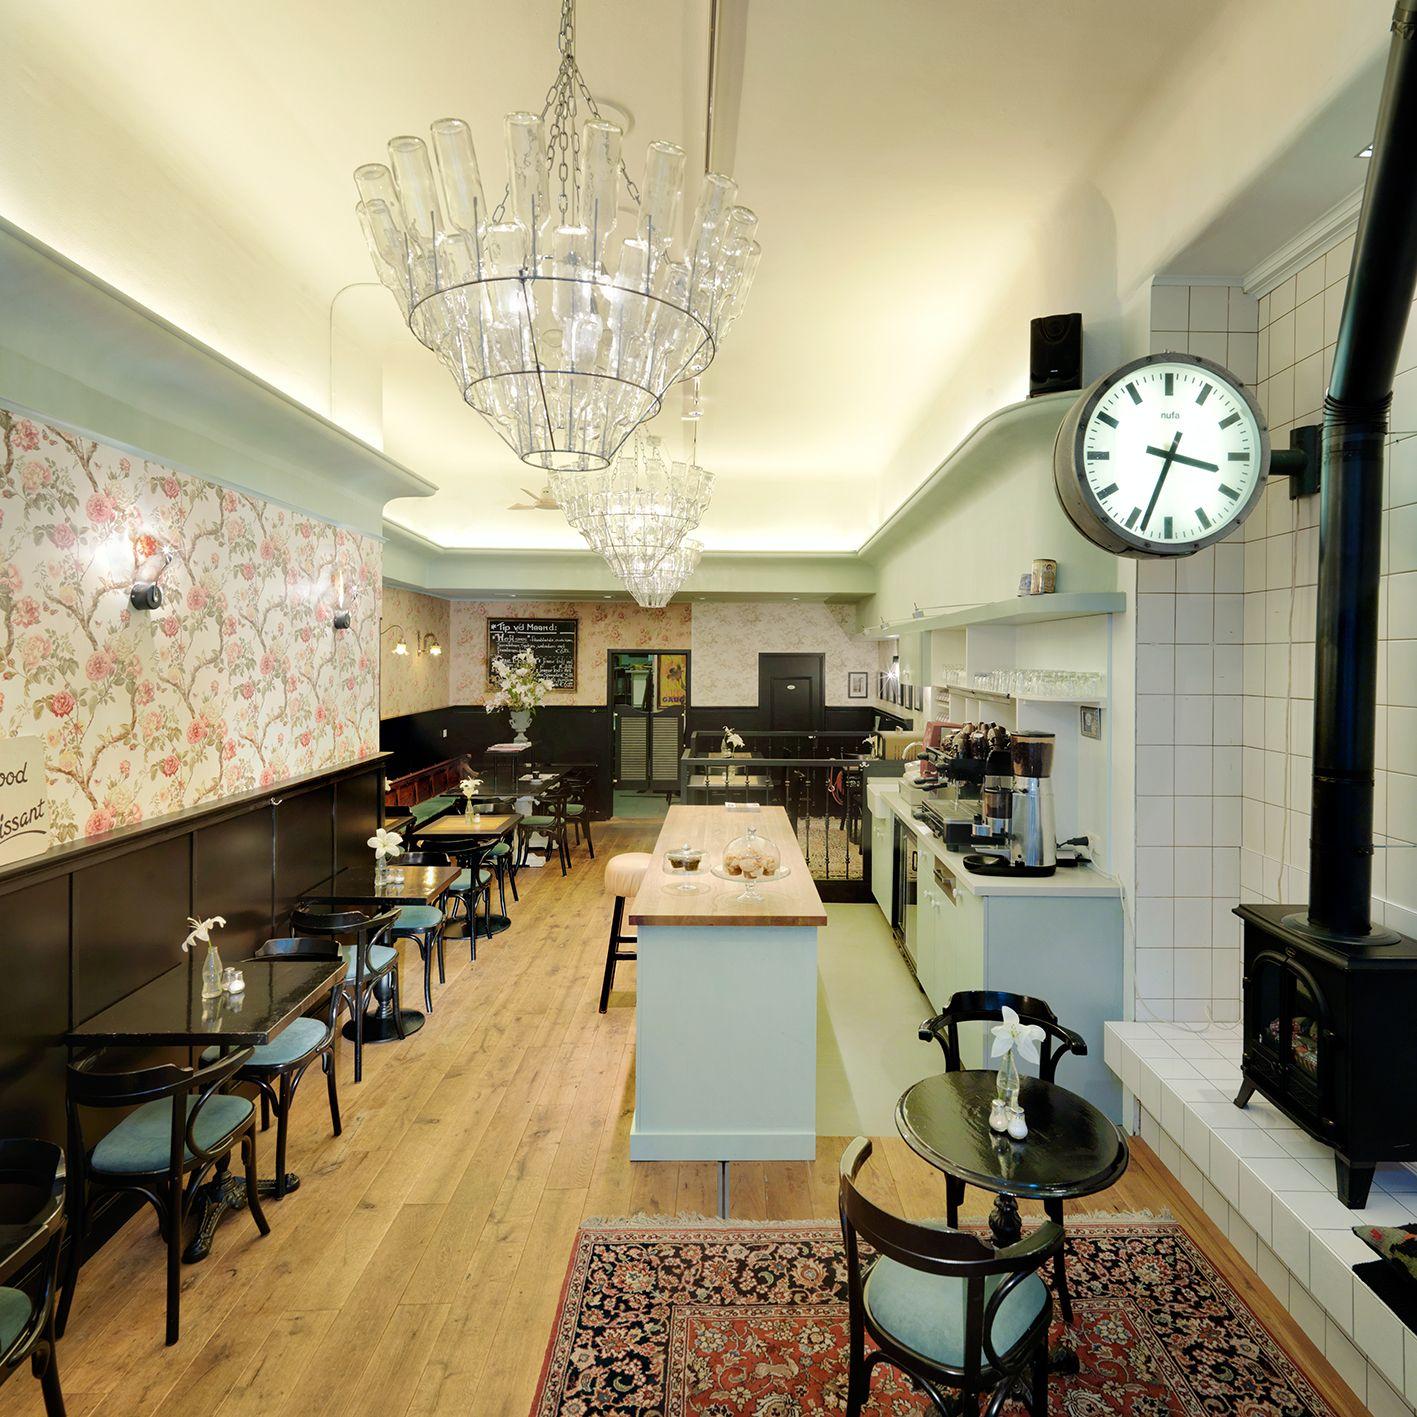 Lunch Cafe Paris 'sHertogenbosch http//www.burokoek.nl